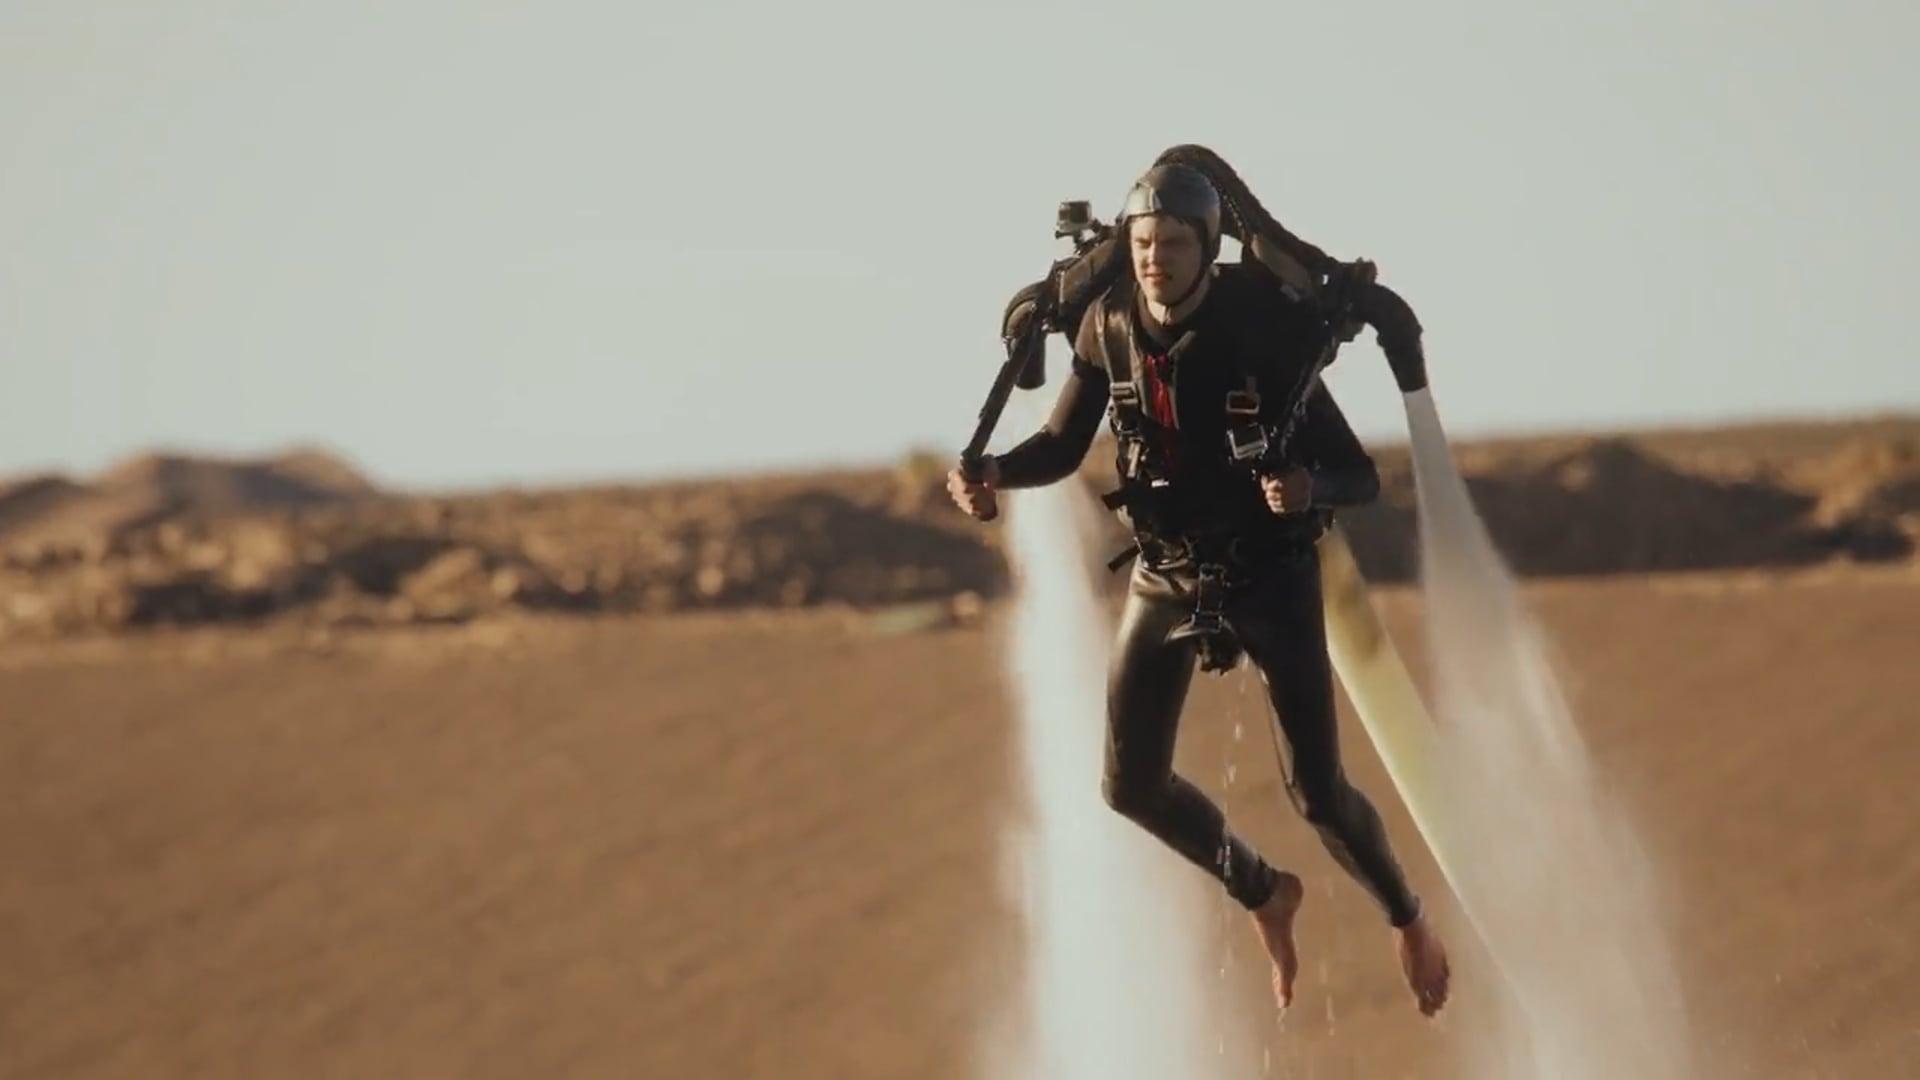 DORITOS - Iron Man